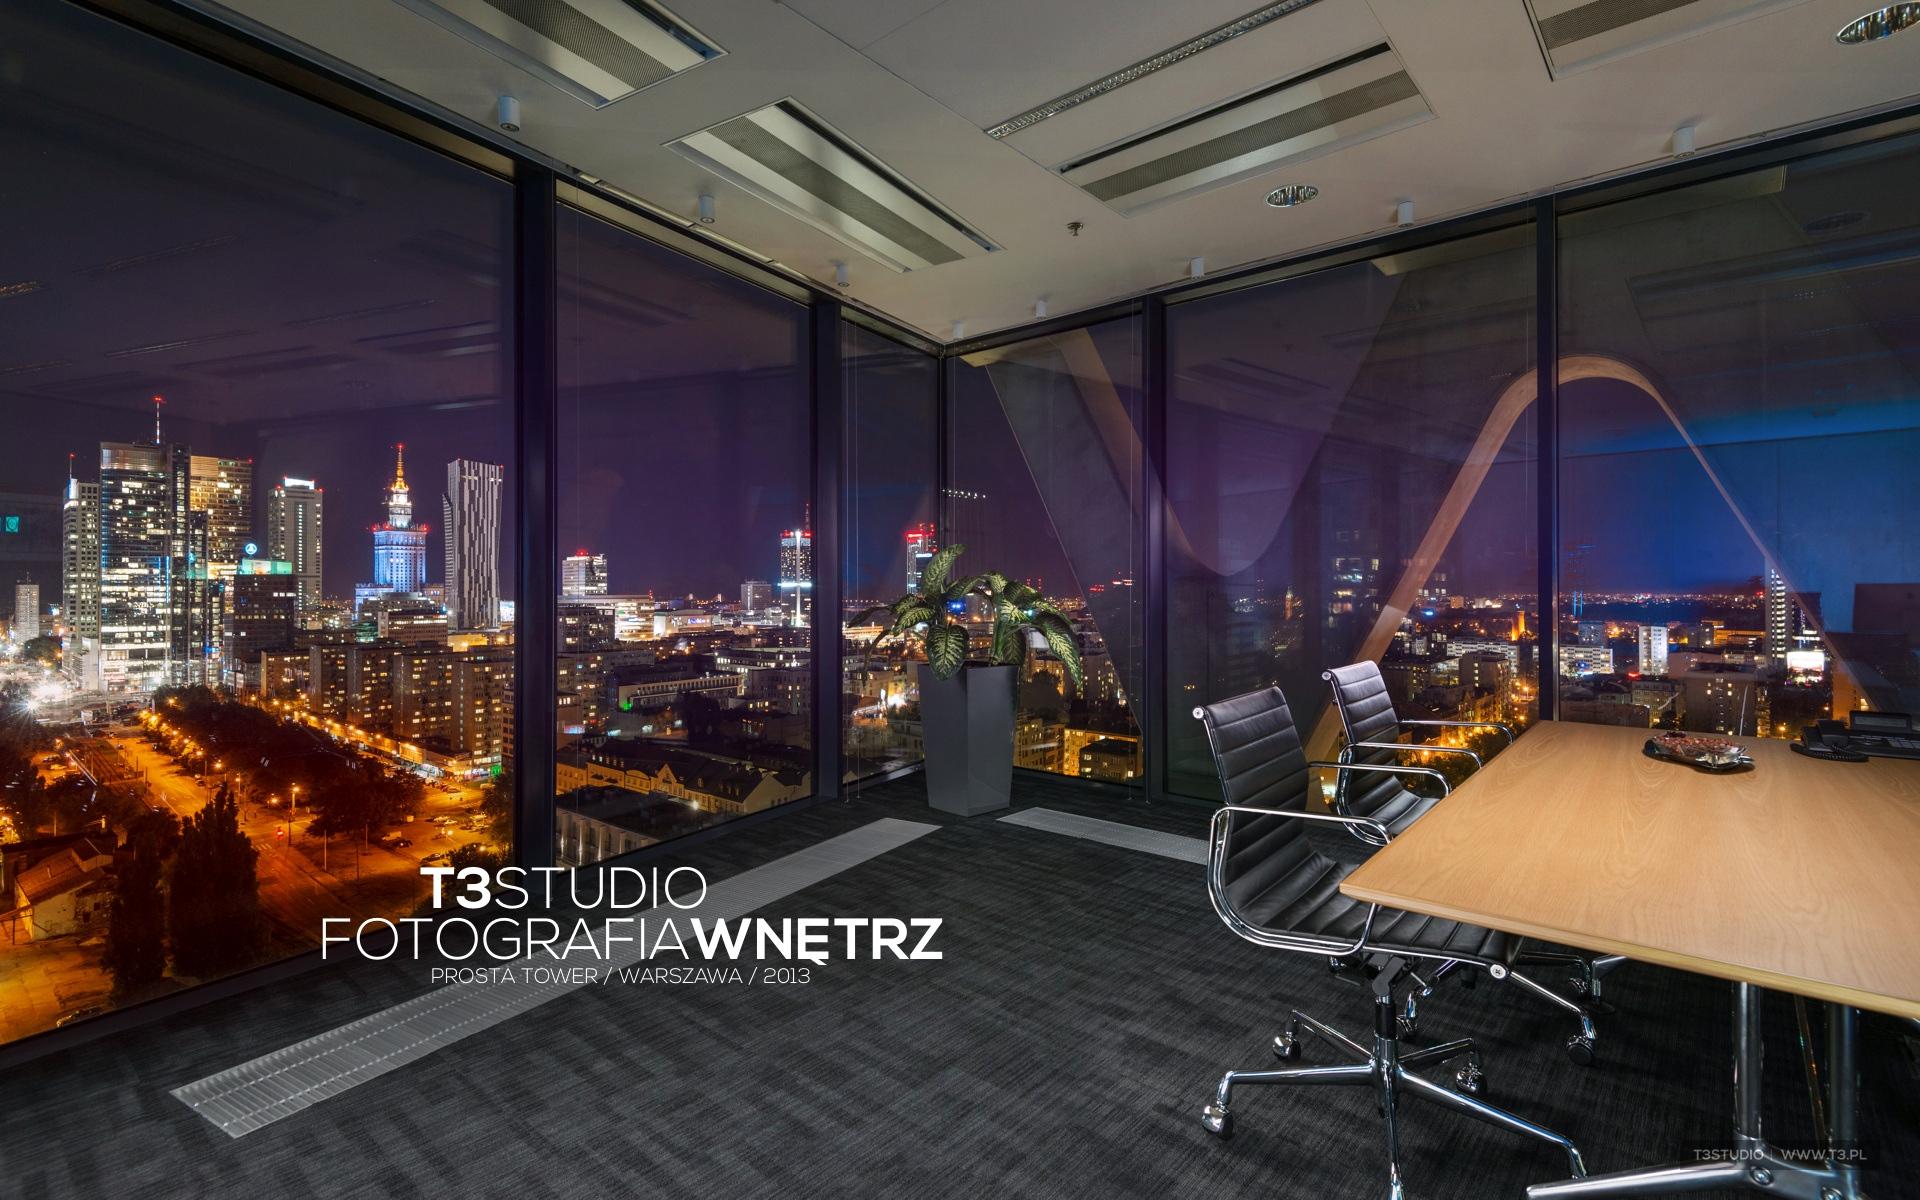 T3 Studio - Fotografia wnętrz - Prosta Tower 2013